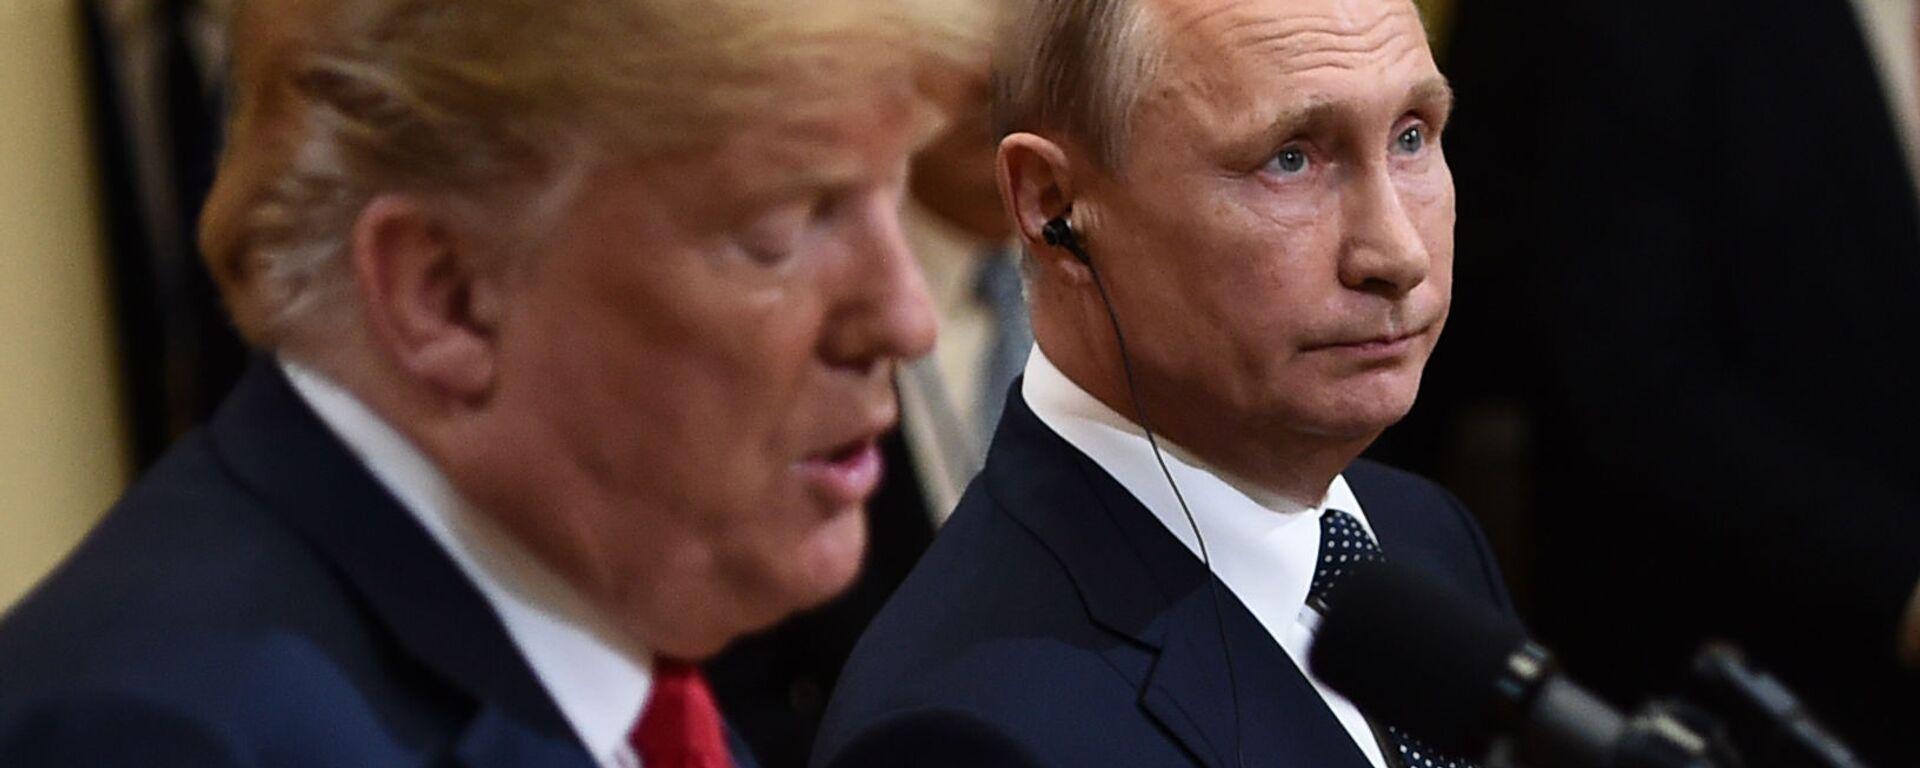 Πούτιν και Τραμπ - Sputnik Ελλάδα, 1920, 28.09.2021